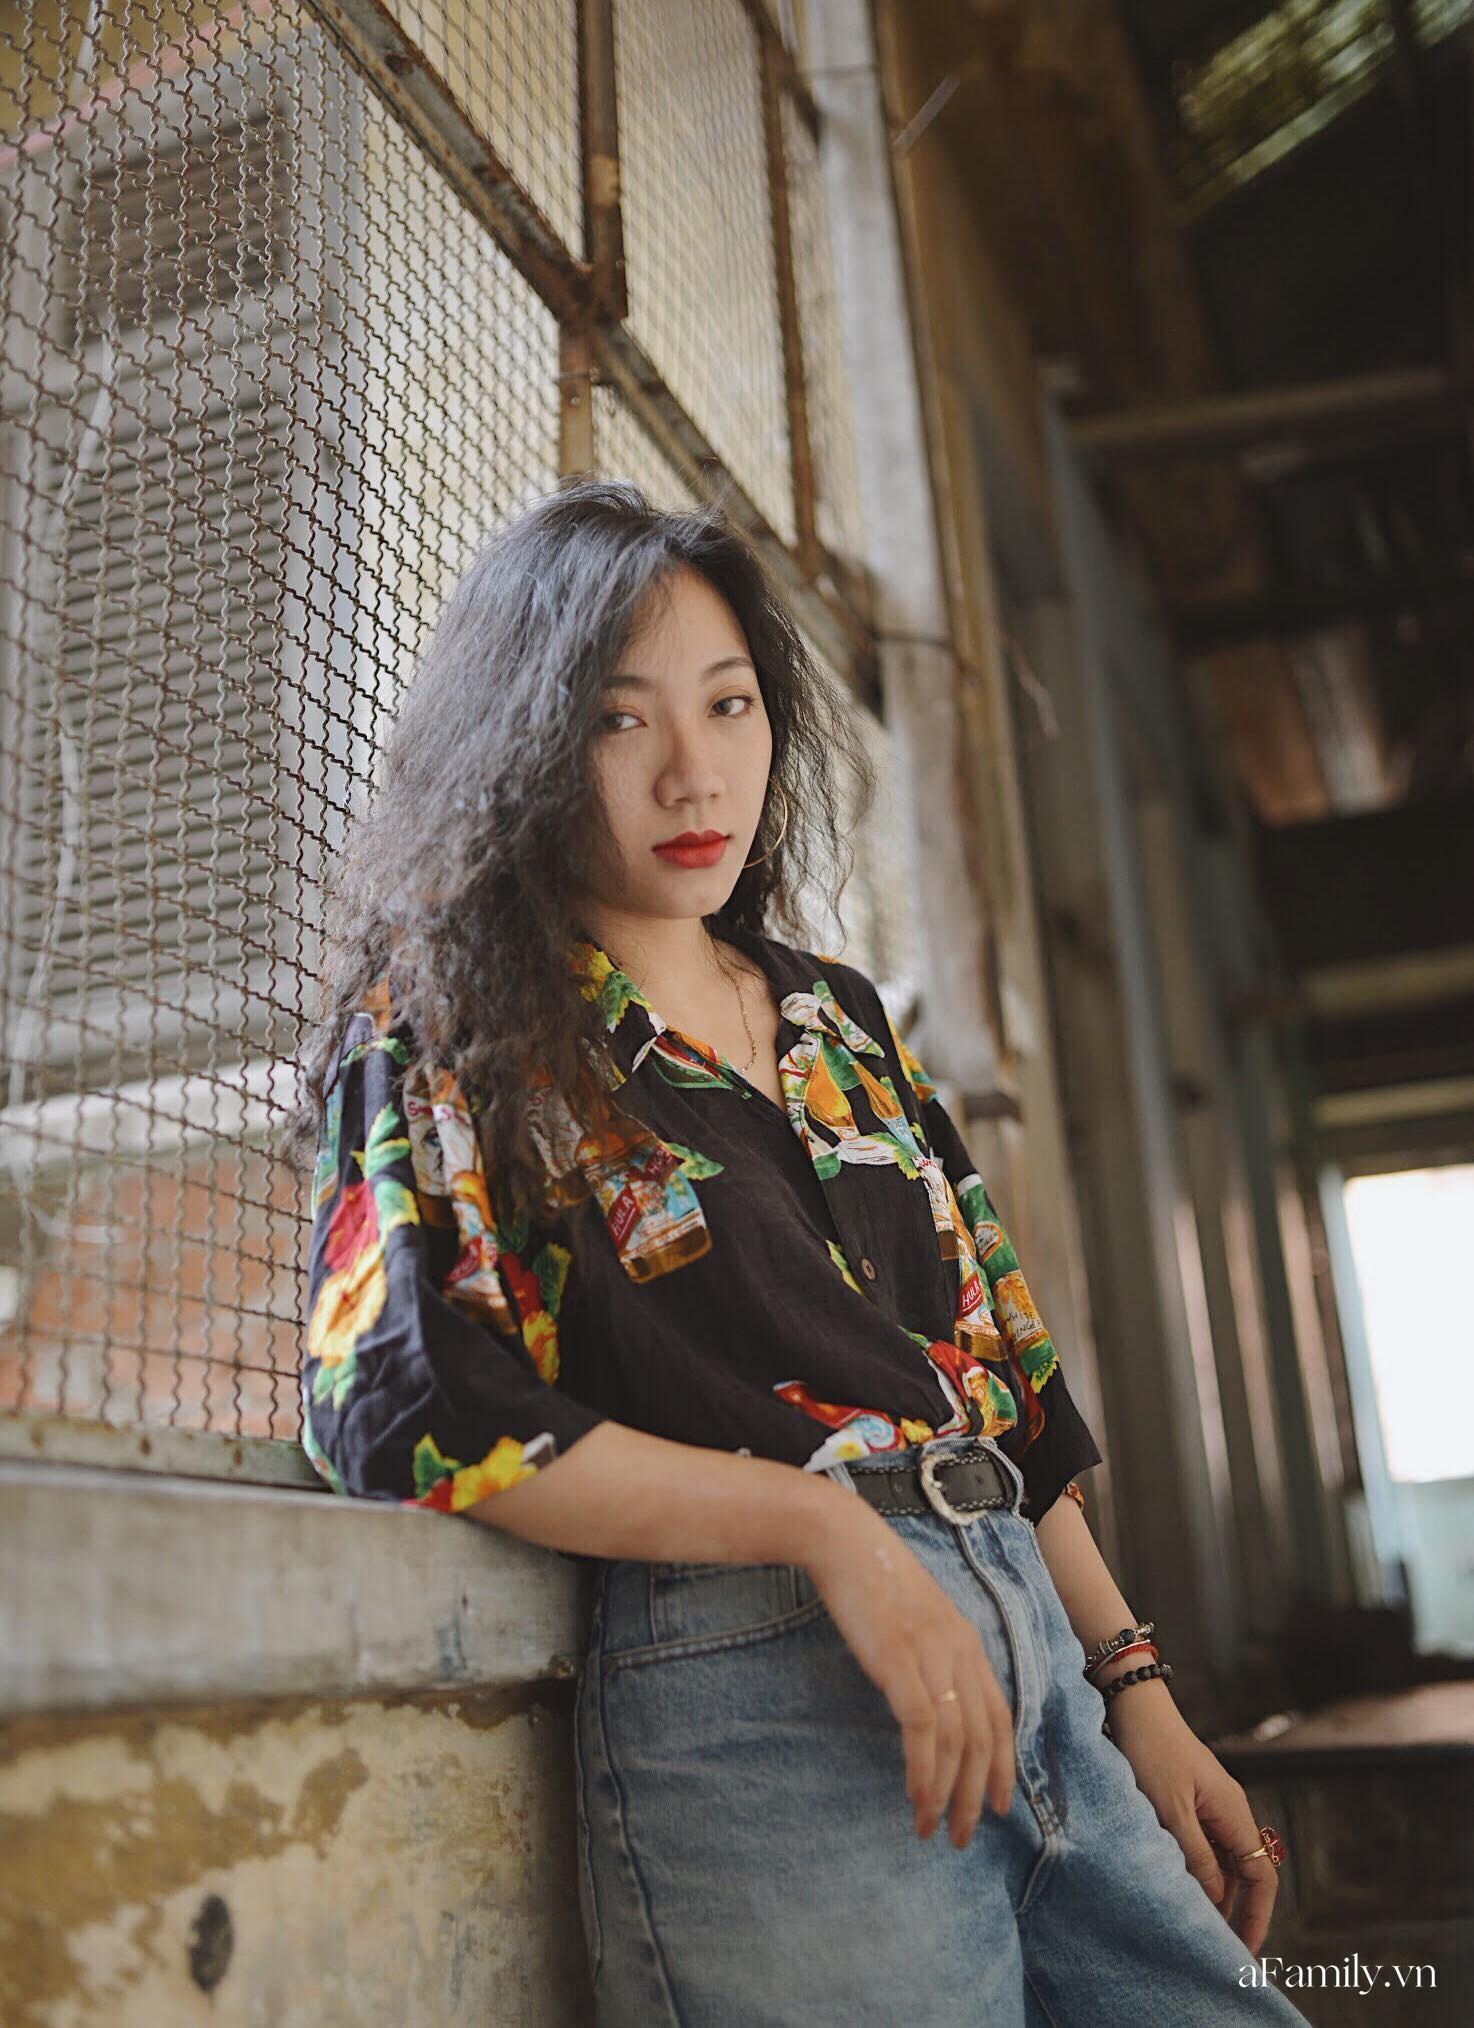 Nghe chủ shop thời trang tại Sài Gòn mách cách mua đồ decor vải second-hand, làm sao để tìm được món phụ kiện độc đáo, giá rẻ lại không bị lỗi - Ảnh 2.